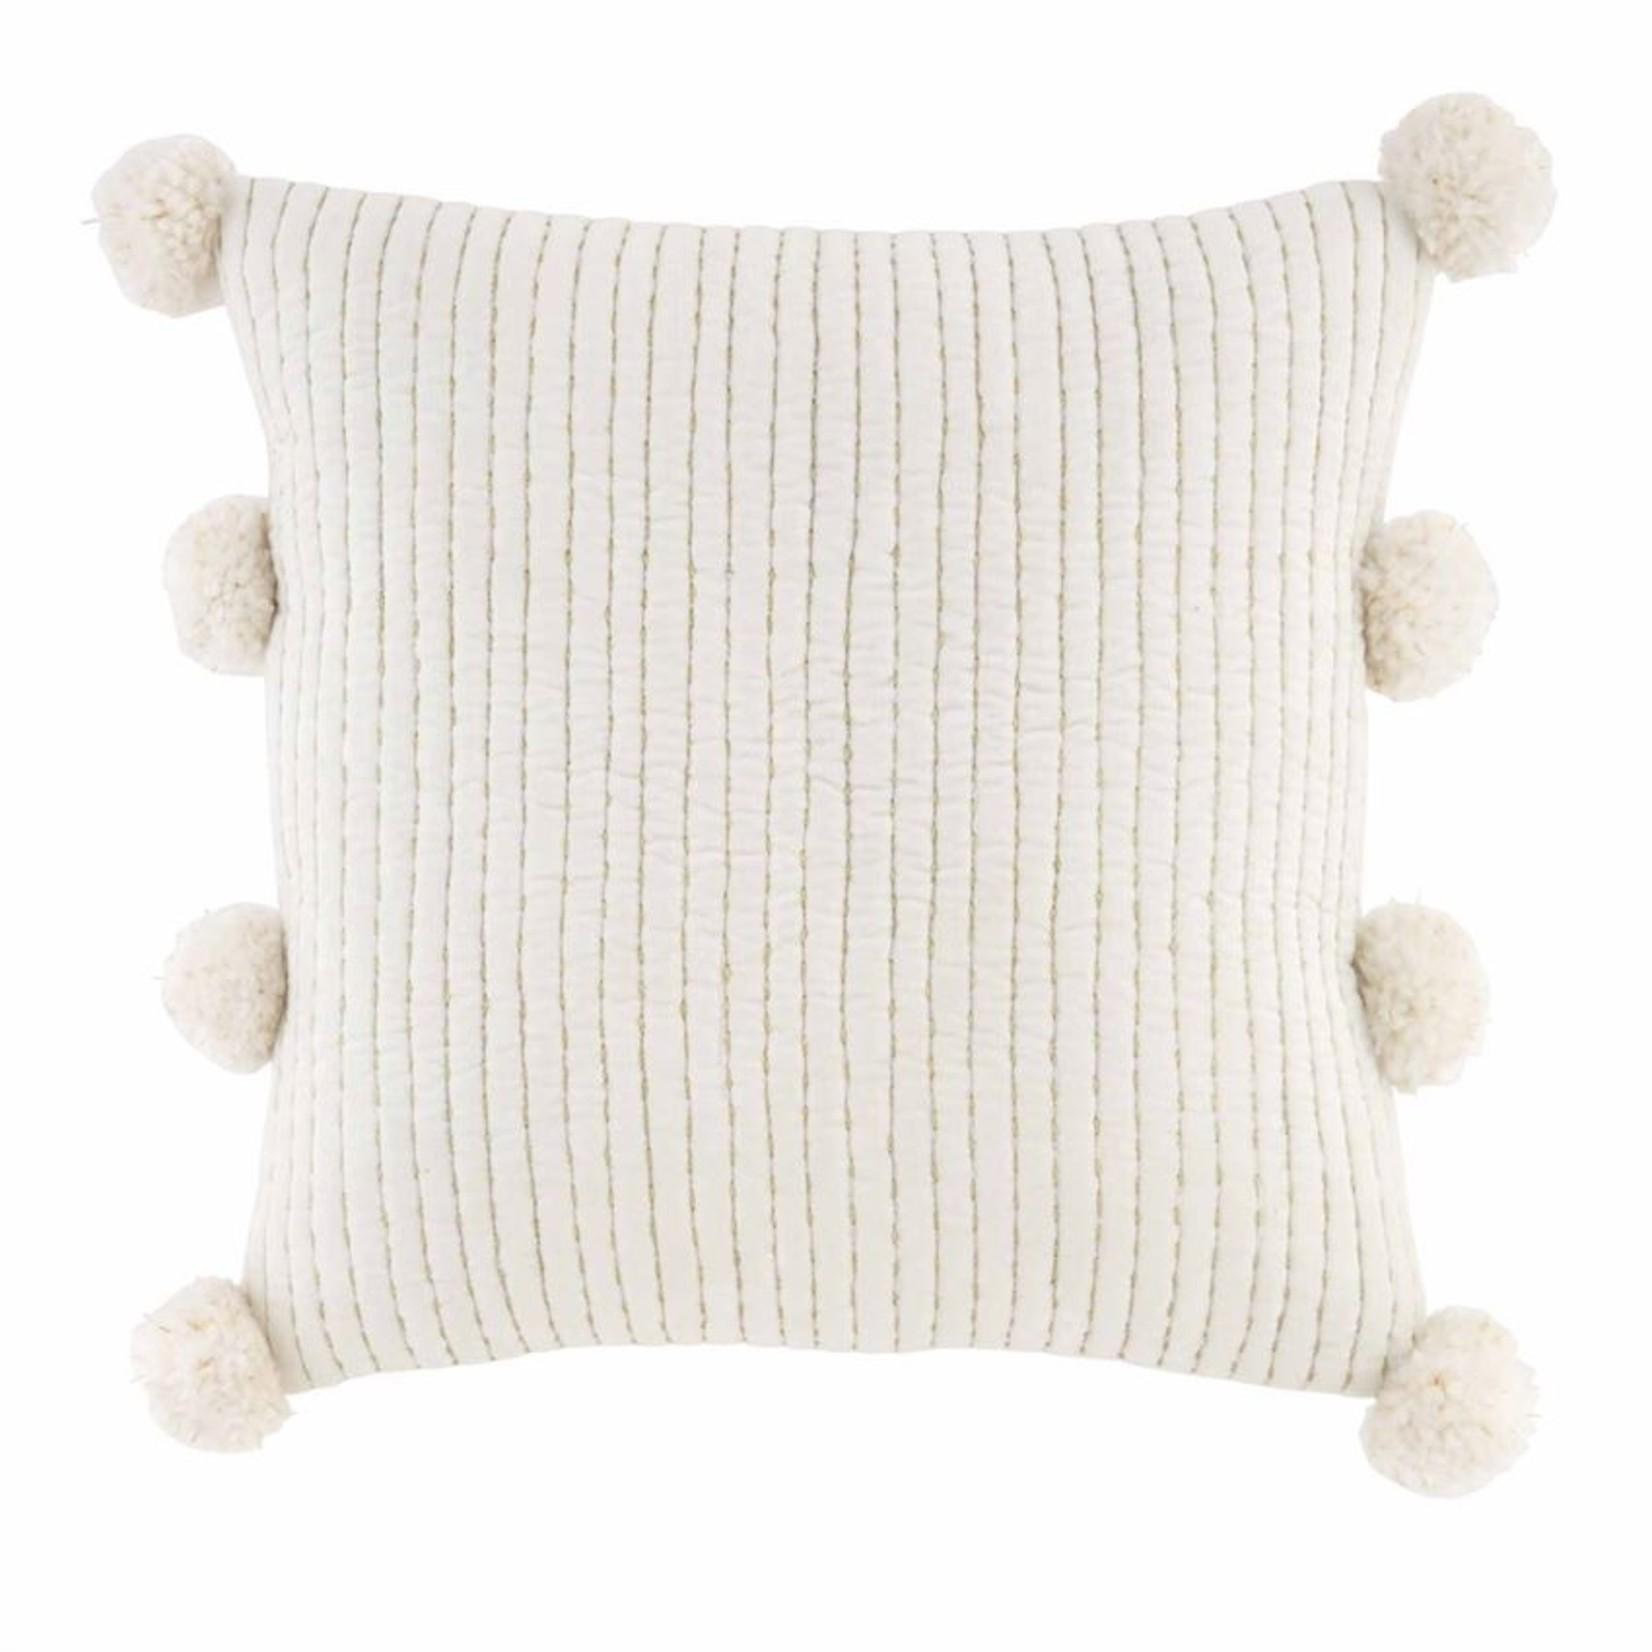 Gold & White Pom Pom Pillow